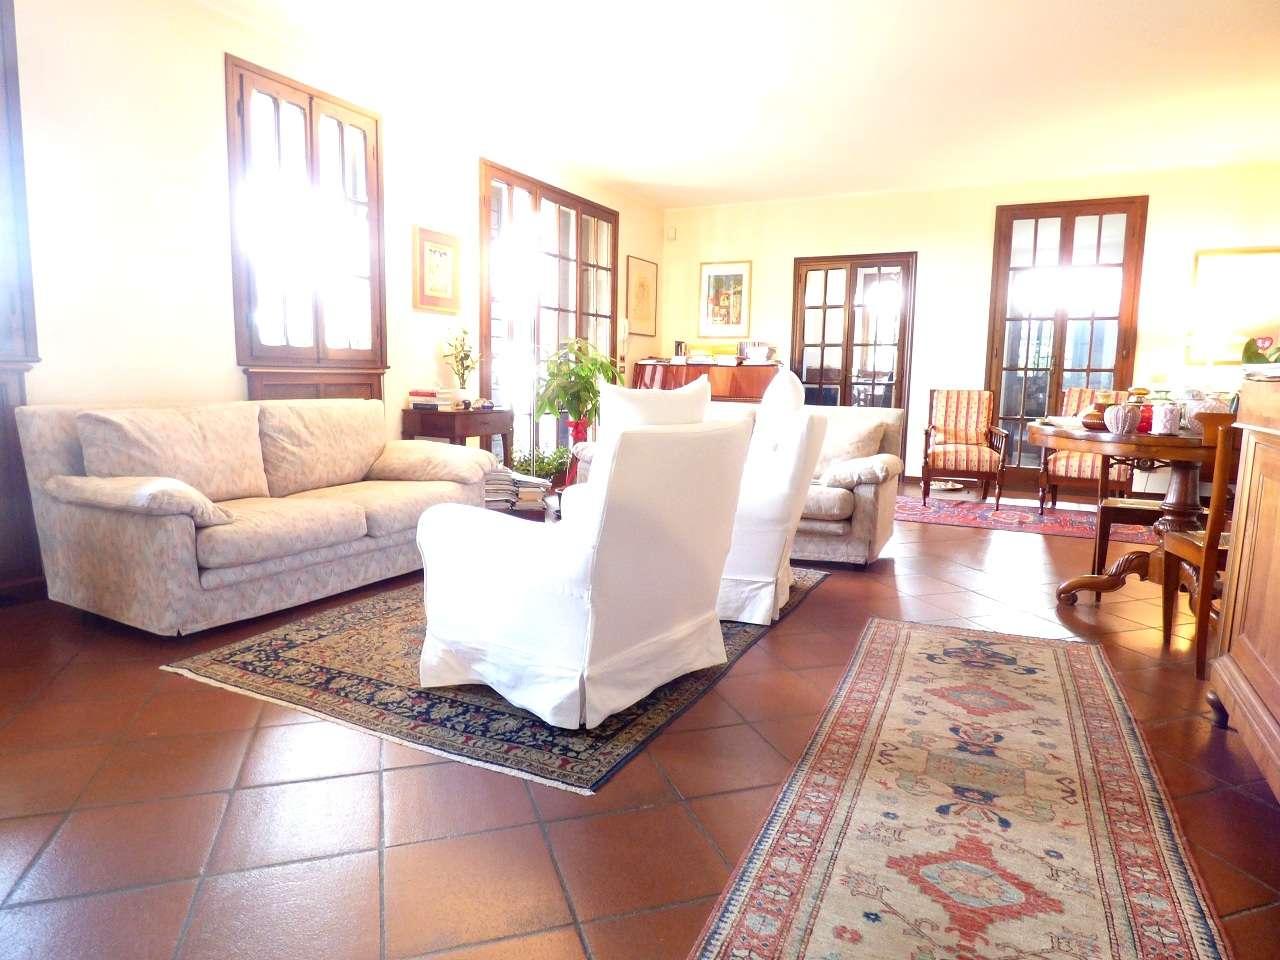 Soluzione Indipendente in vendita a Saccolongo, 5 locali, prezzo € 320.000 | CambioCasa.it